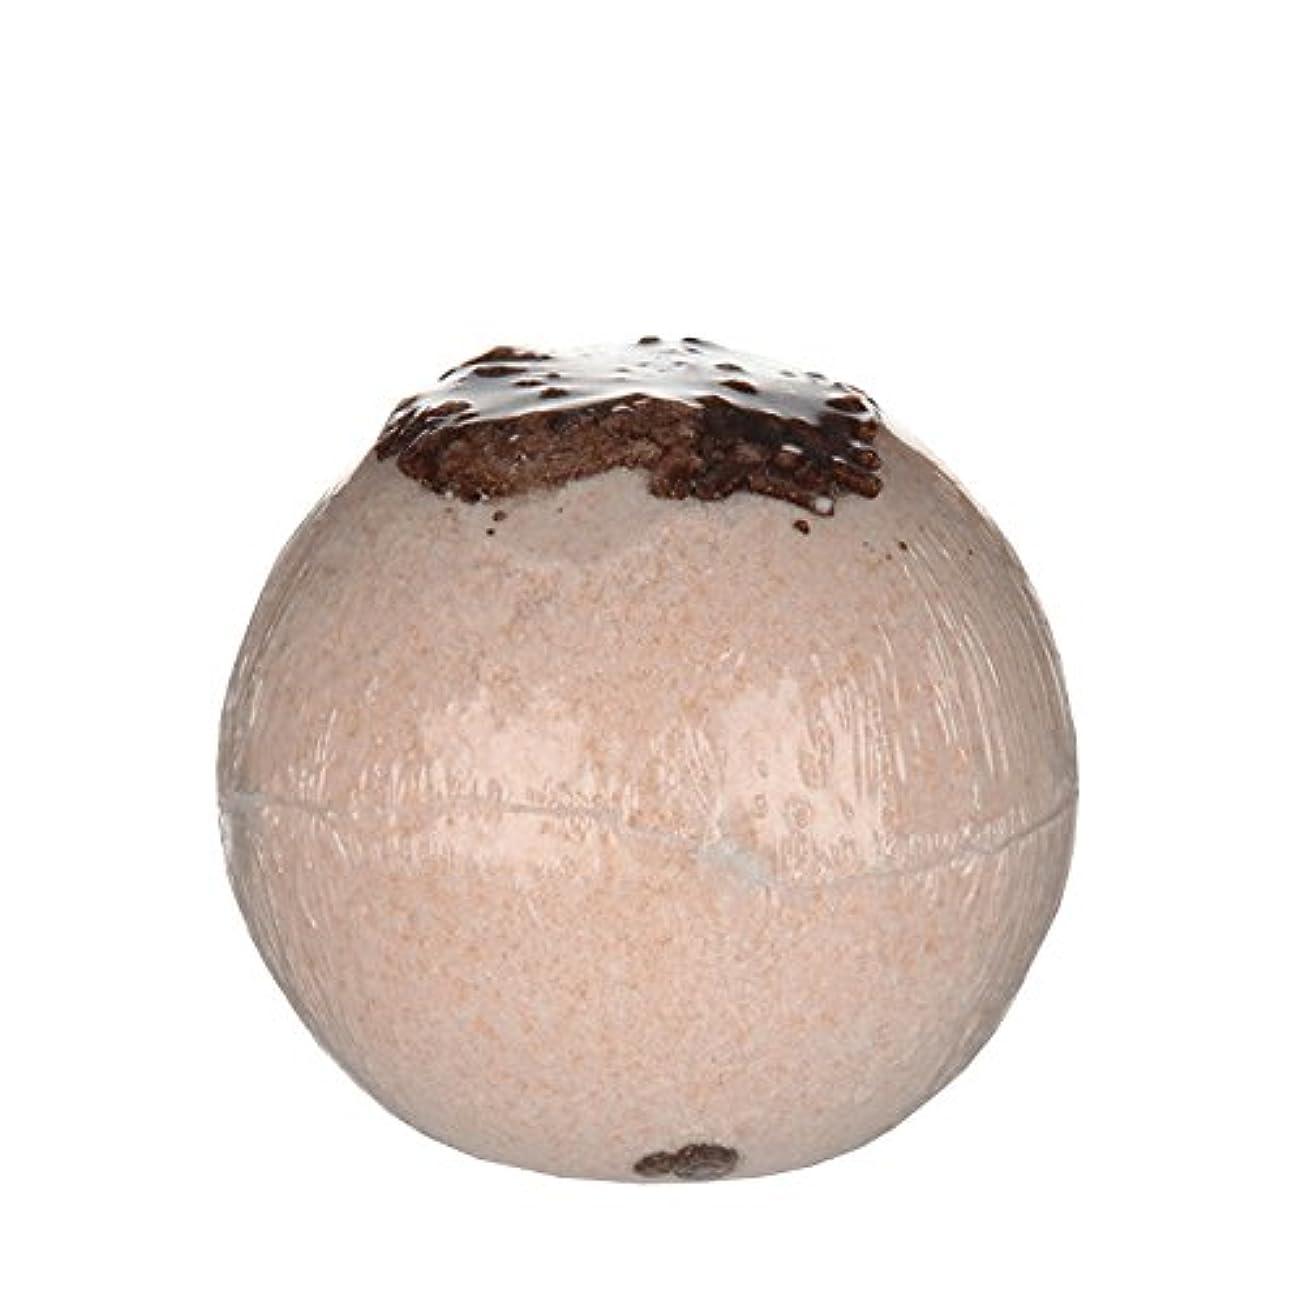 ヘア嘆願寛大なTreets Bath Ball Coconut Chocolate 170g (Pack of 2) - Treetsバスボールココナッツチョコレート170グラム (x2) [並行輸入品]